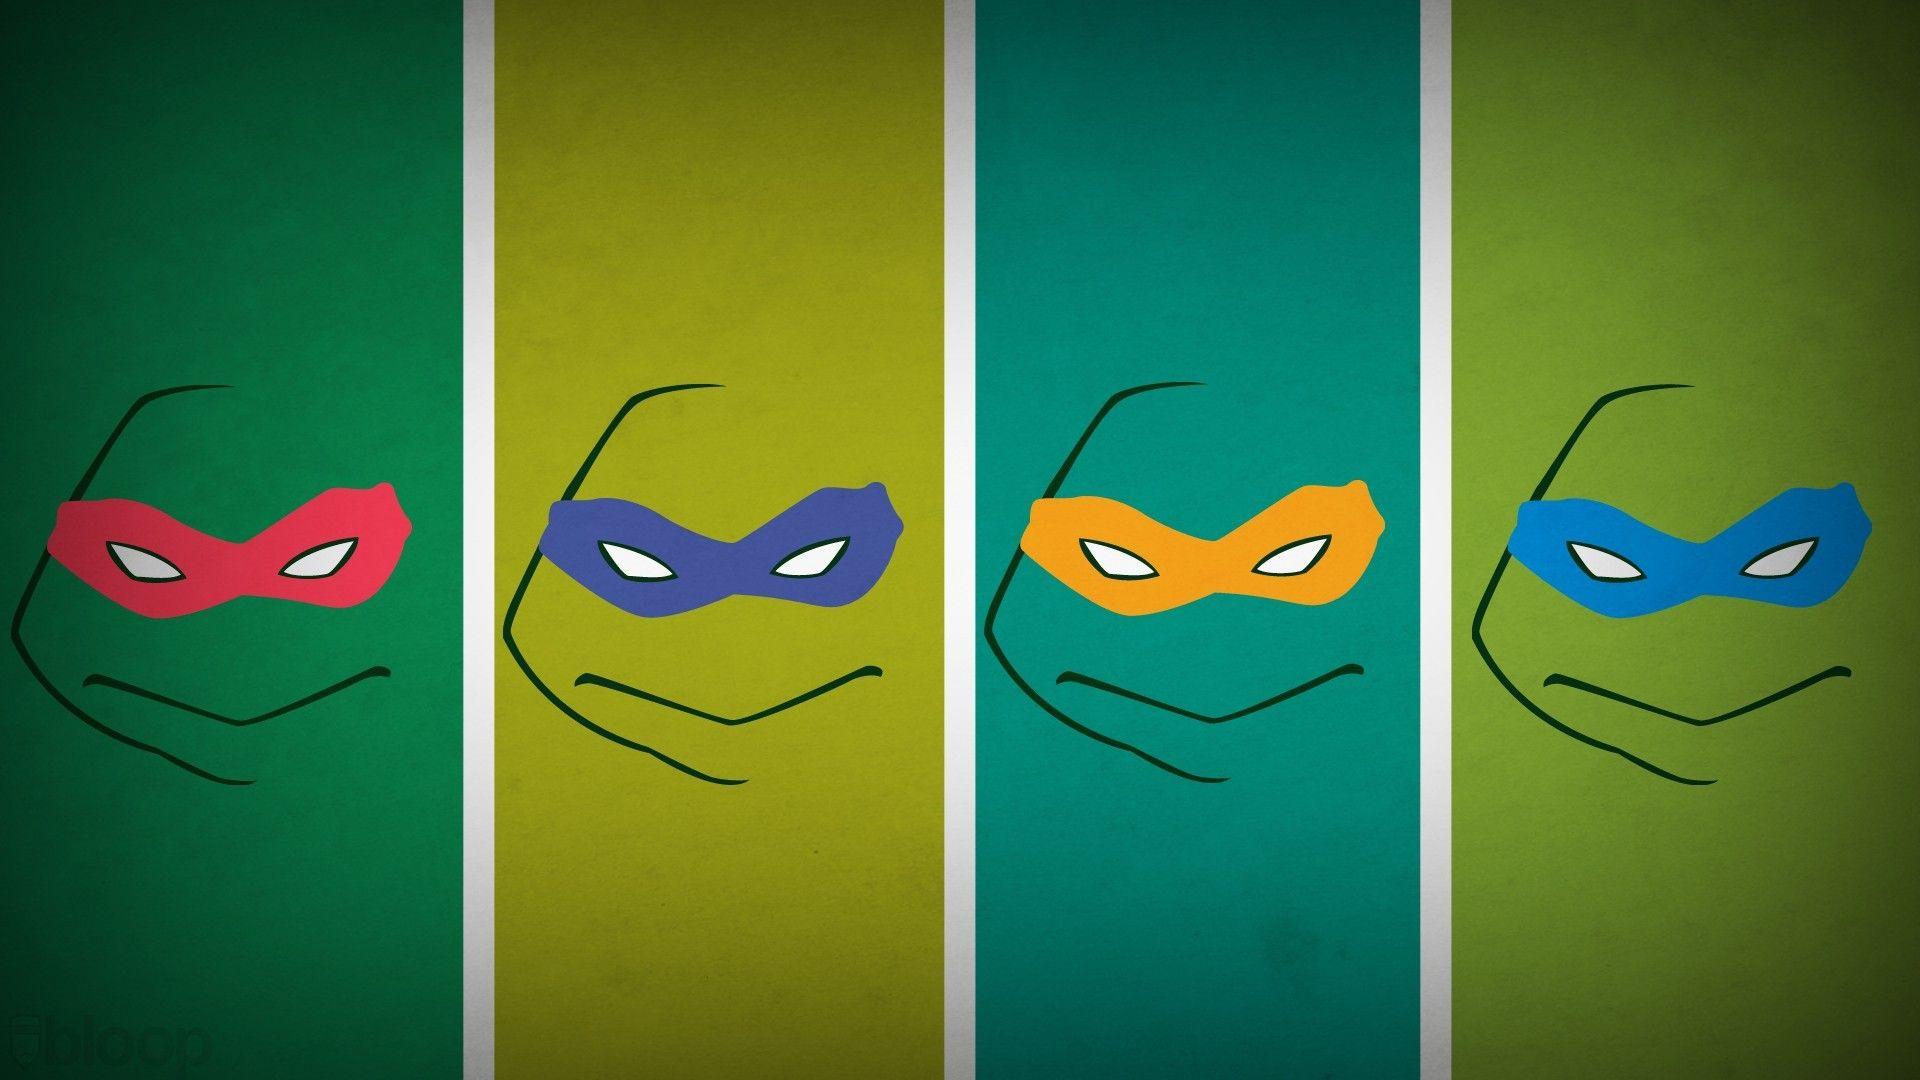 Superheroes Minimalistic Hi Res Wallpapers Teenage Mutant Ninja Turtles Artwork Ninja Turtle Mask Tmnt Wallpaper